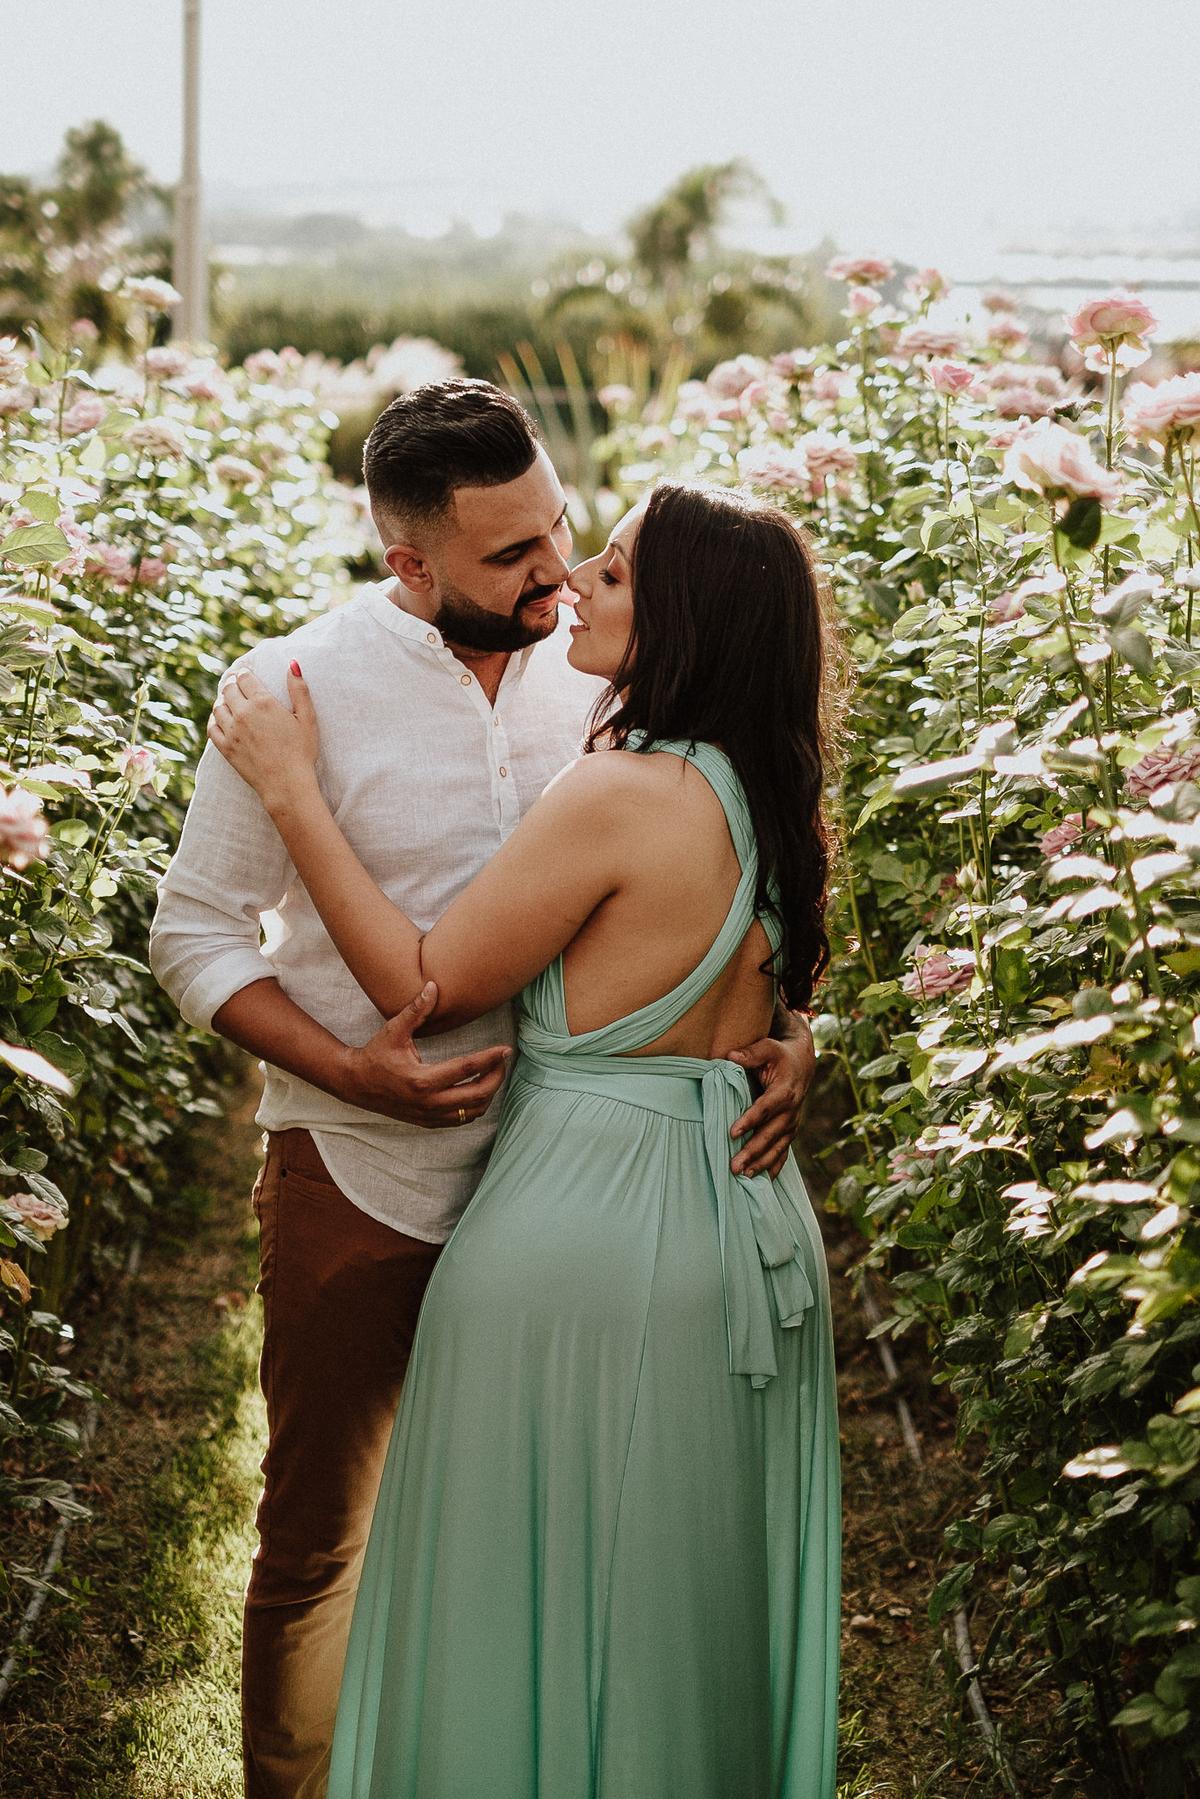 ensaios no campo pre wedding fotografos de casamento holambra  fotos por caio henrique  ensaio casal sorrindo